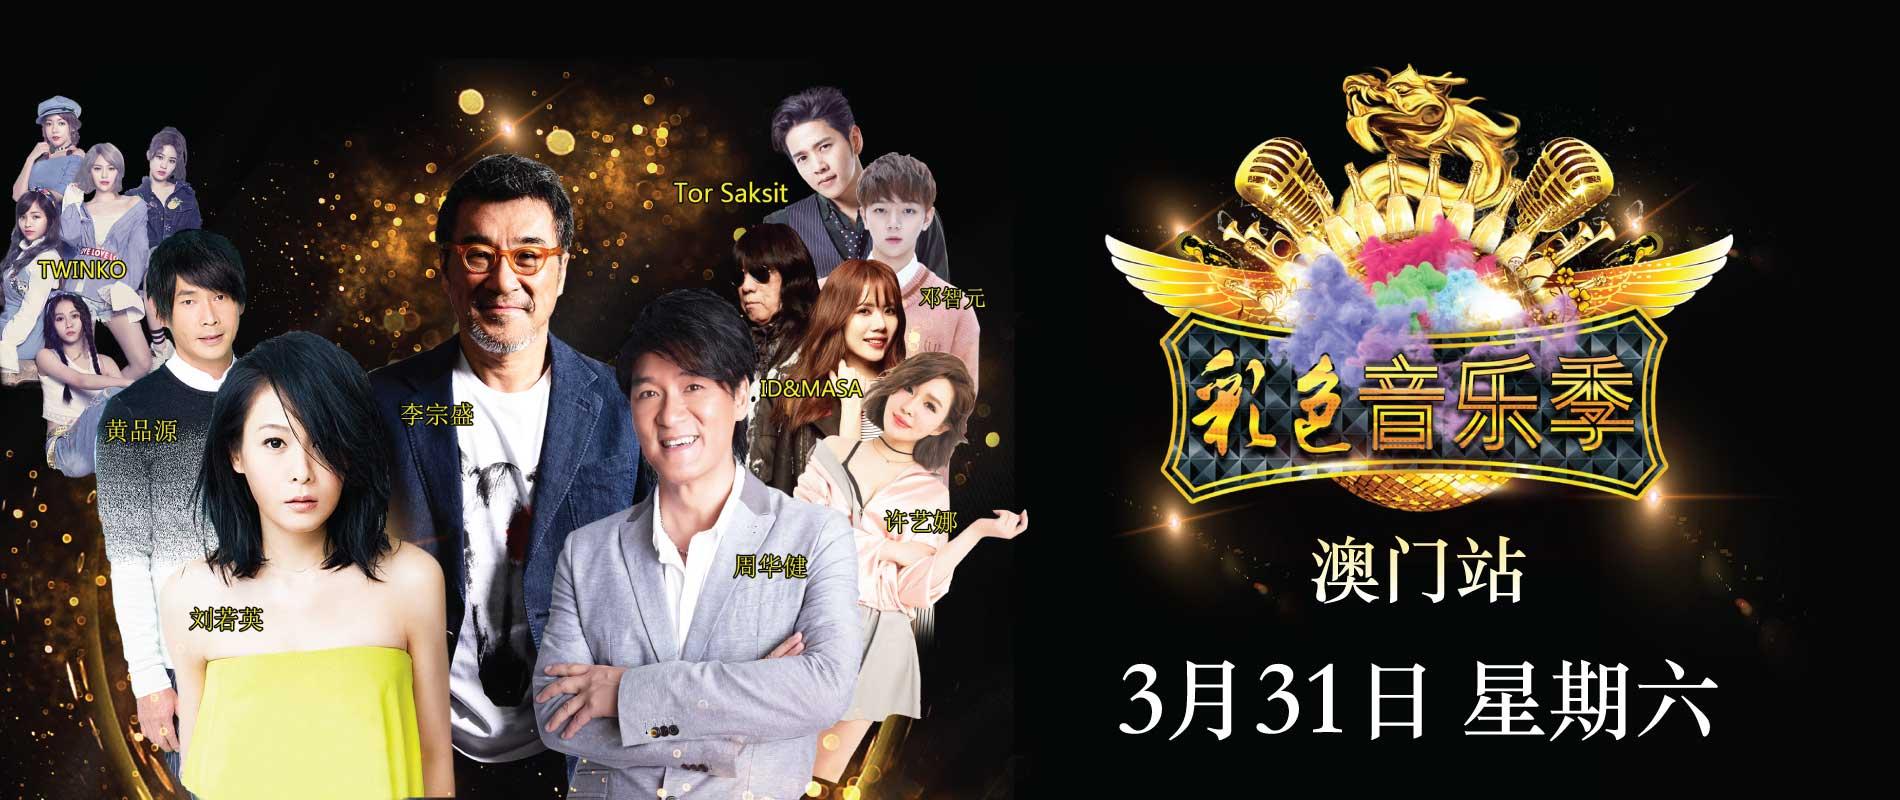 多位台湾及香港最受欢迎的歌手呈献精彩的音乐盛宴